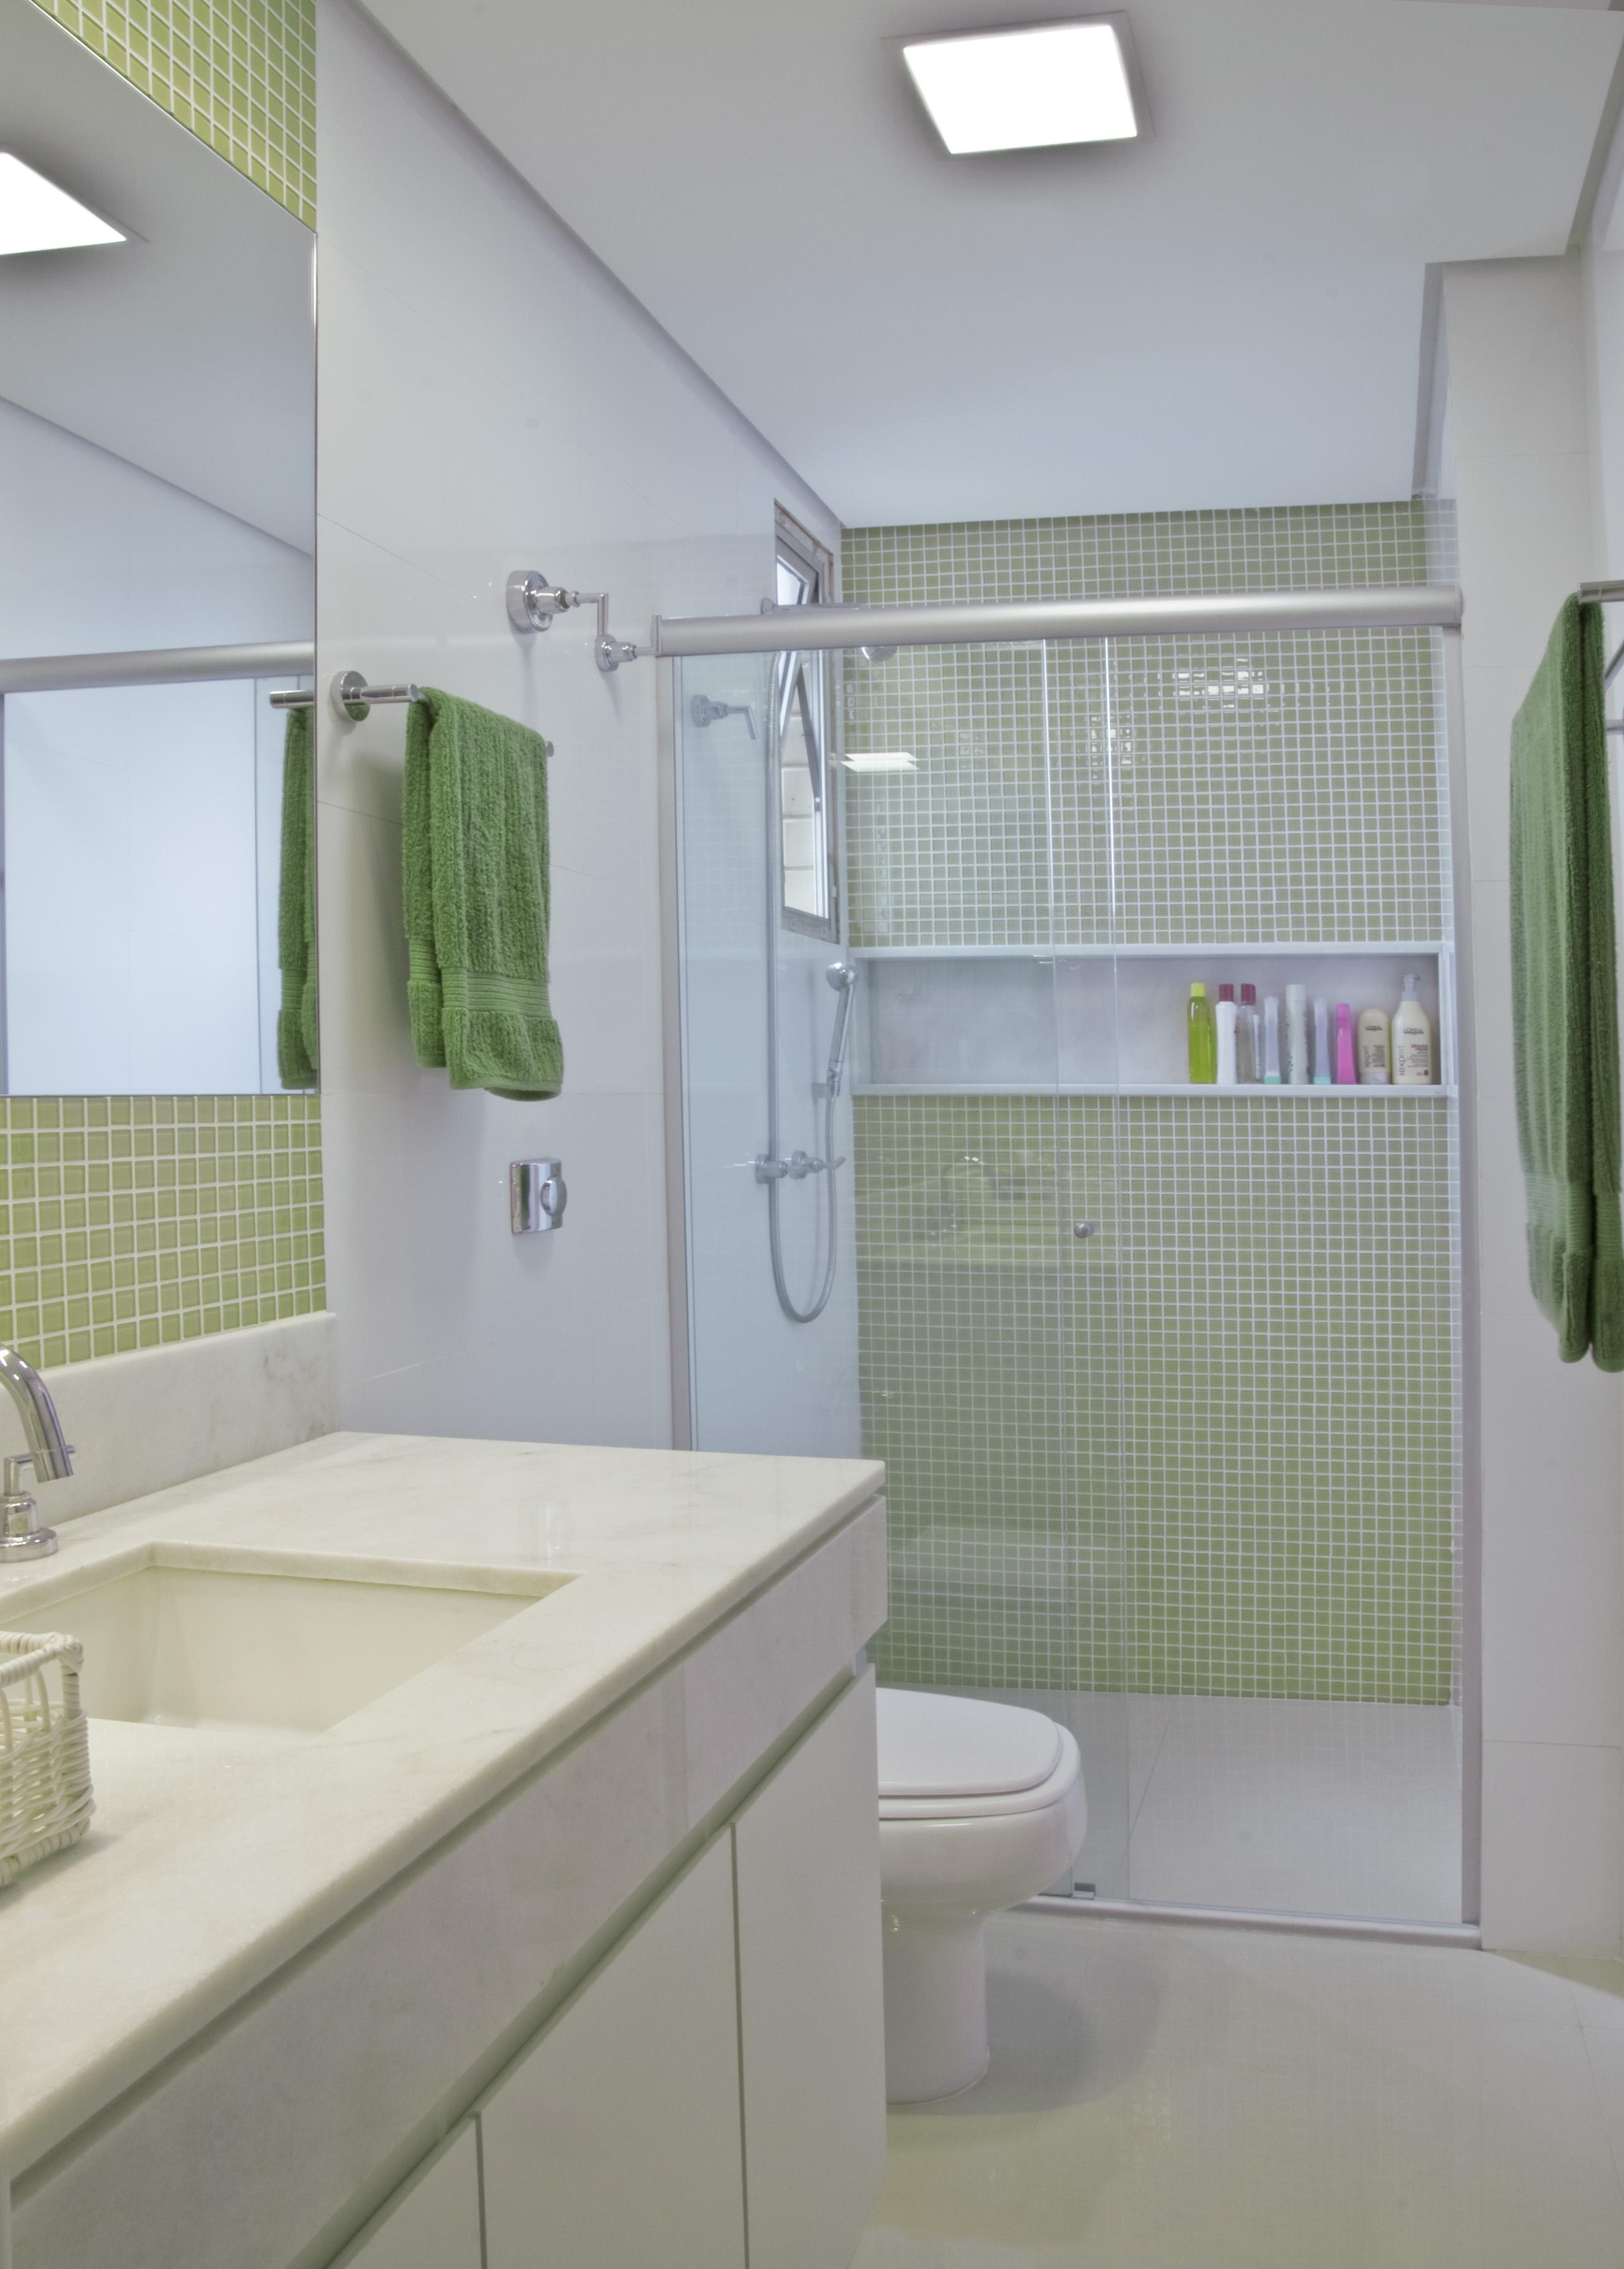 Banheiro Social Pictures to pin on Pinterest -> Banheiro Pequeno Social